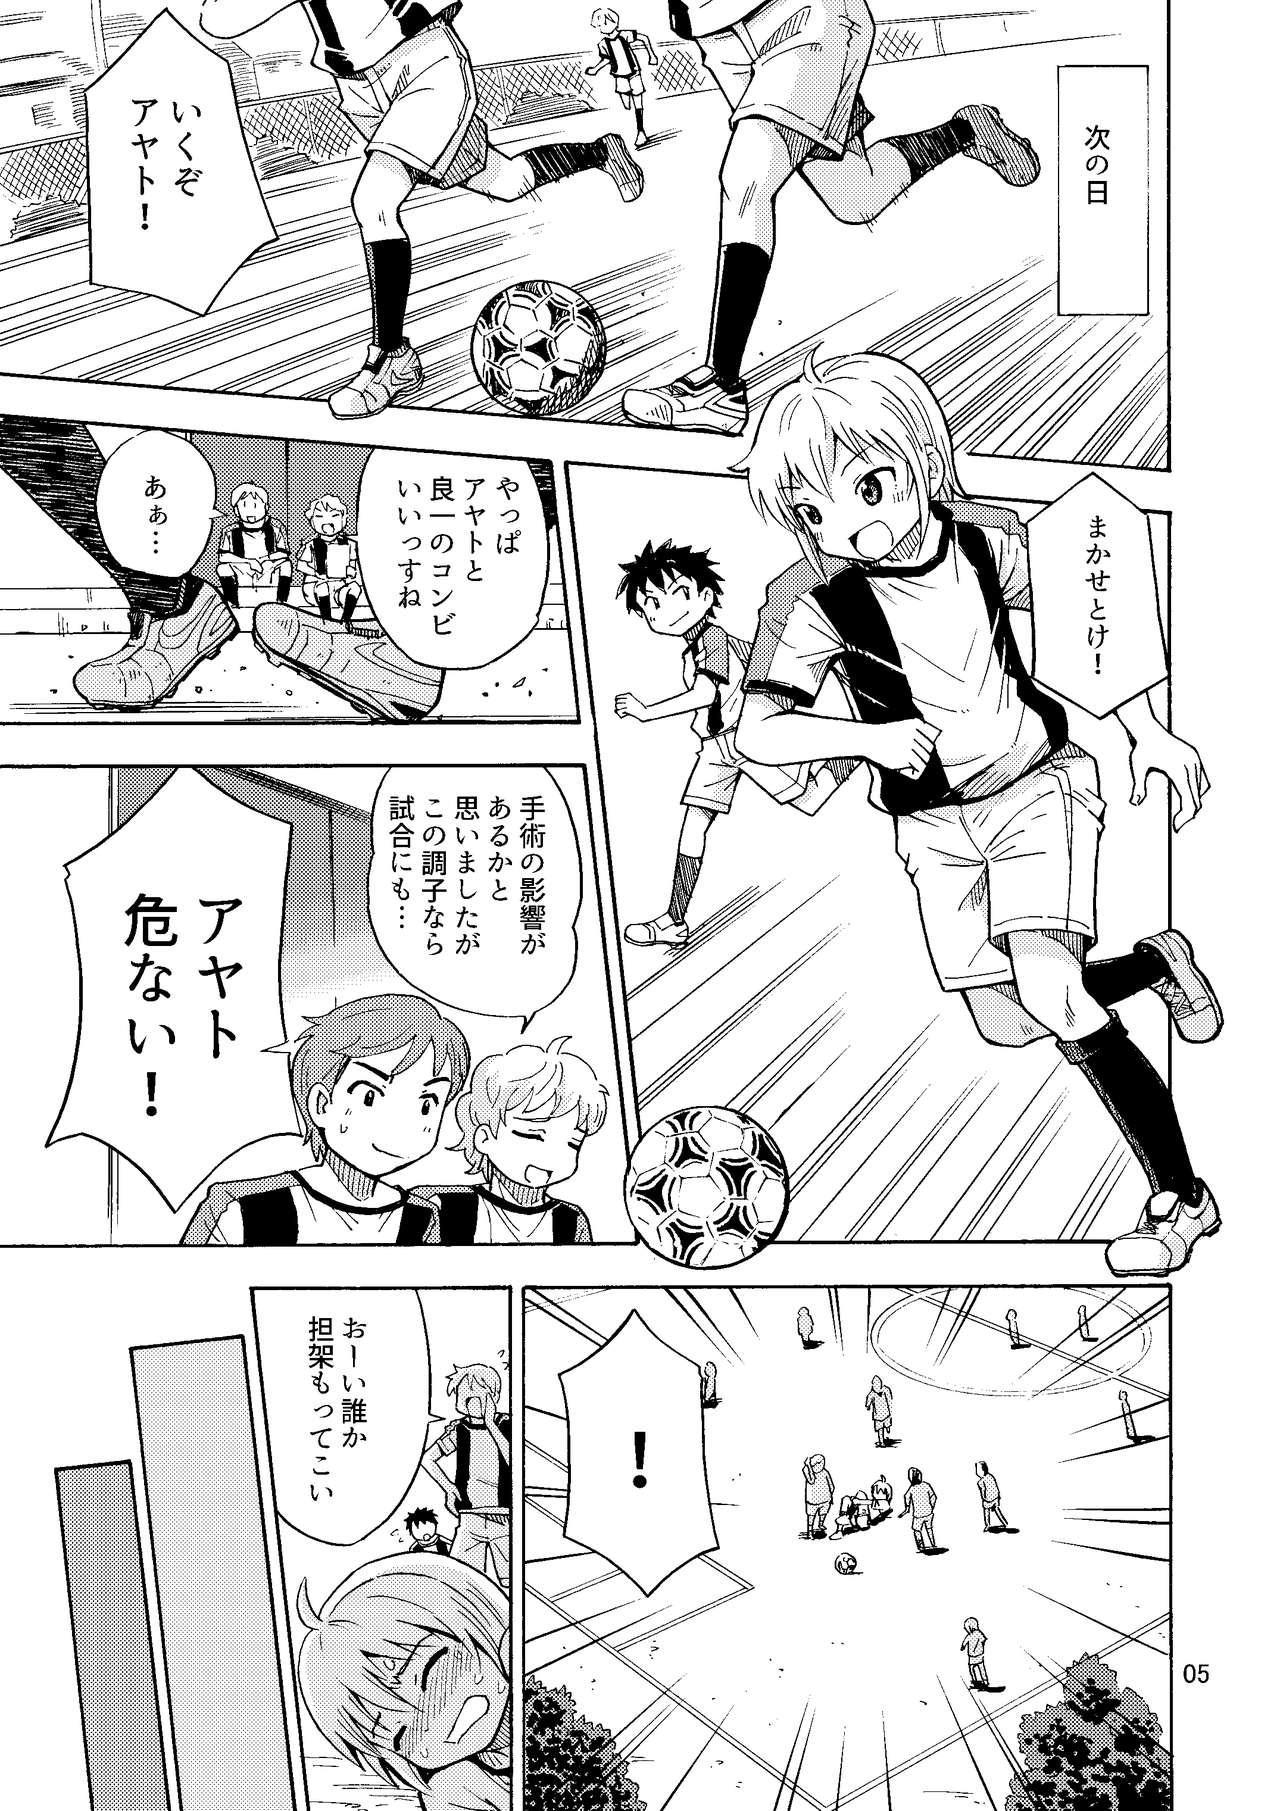 Shinyuu ga Onnanoko ni Narimashita 5